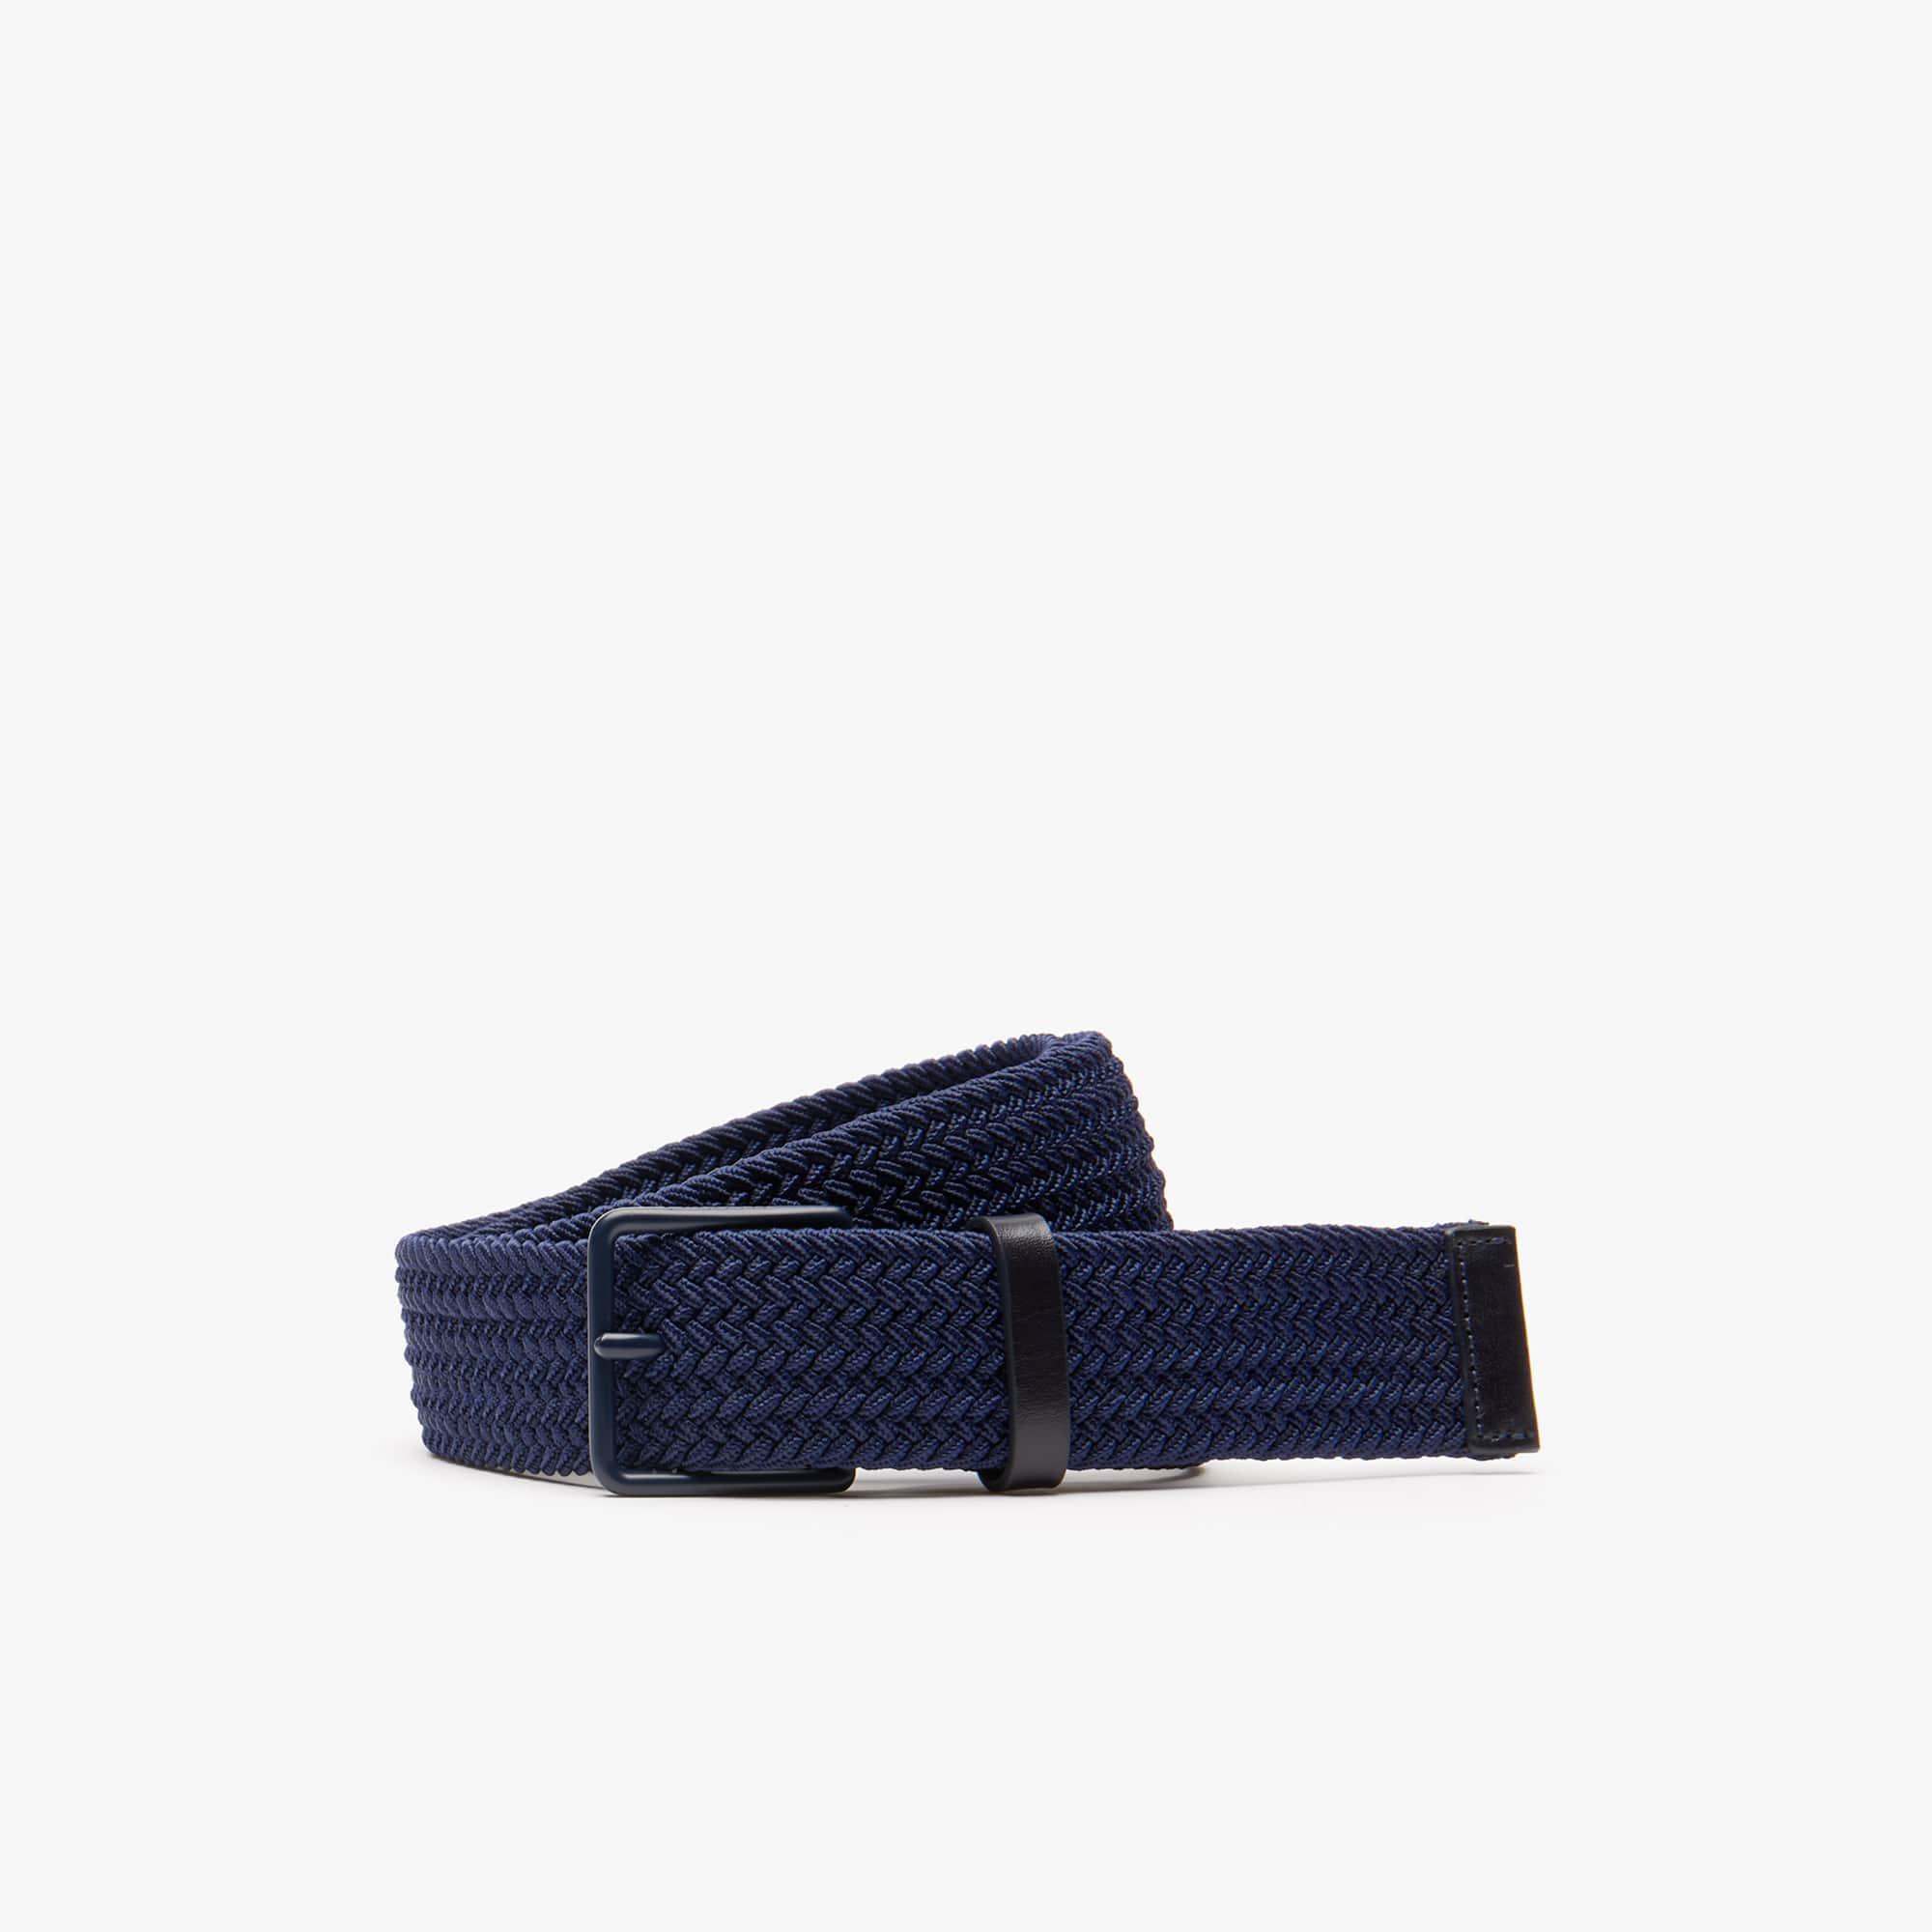 Men's Engraved Buckle Braid Belt